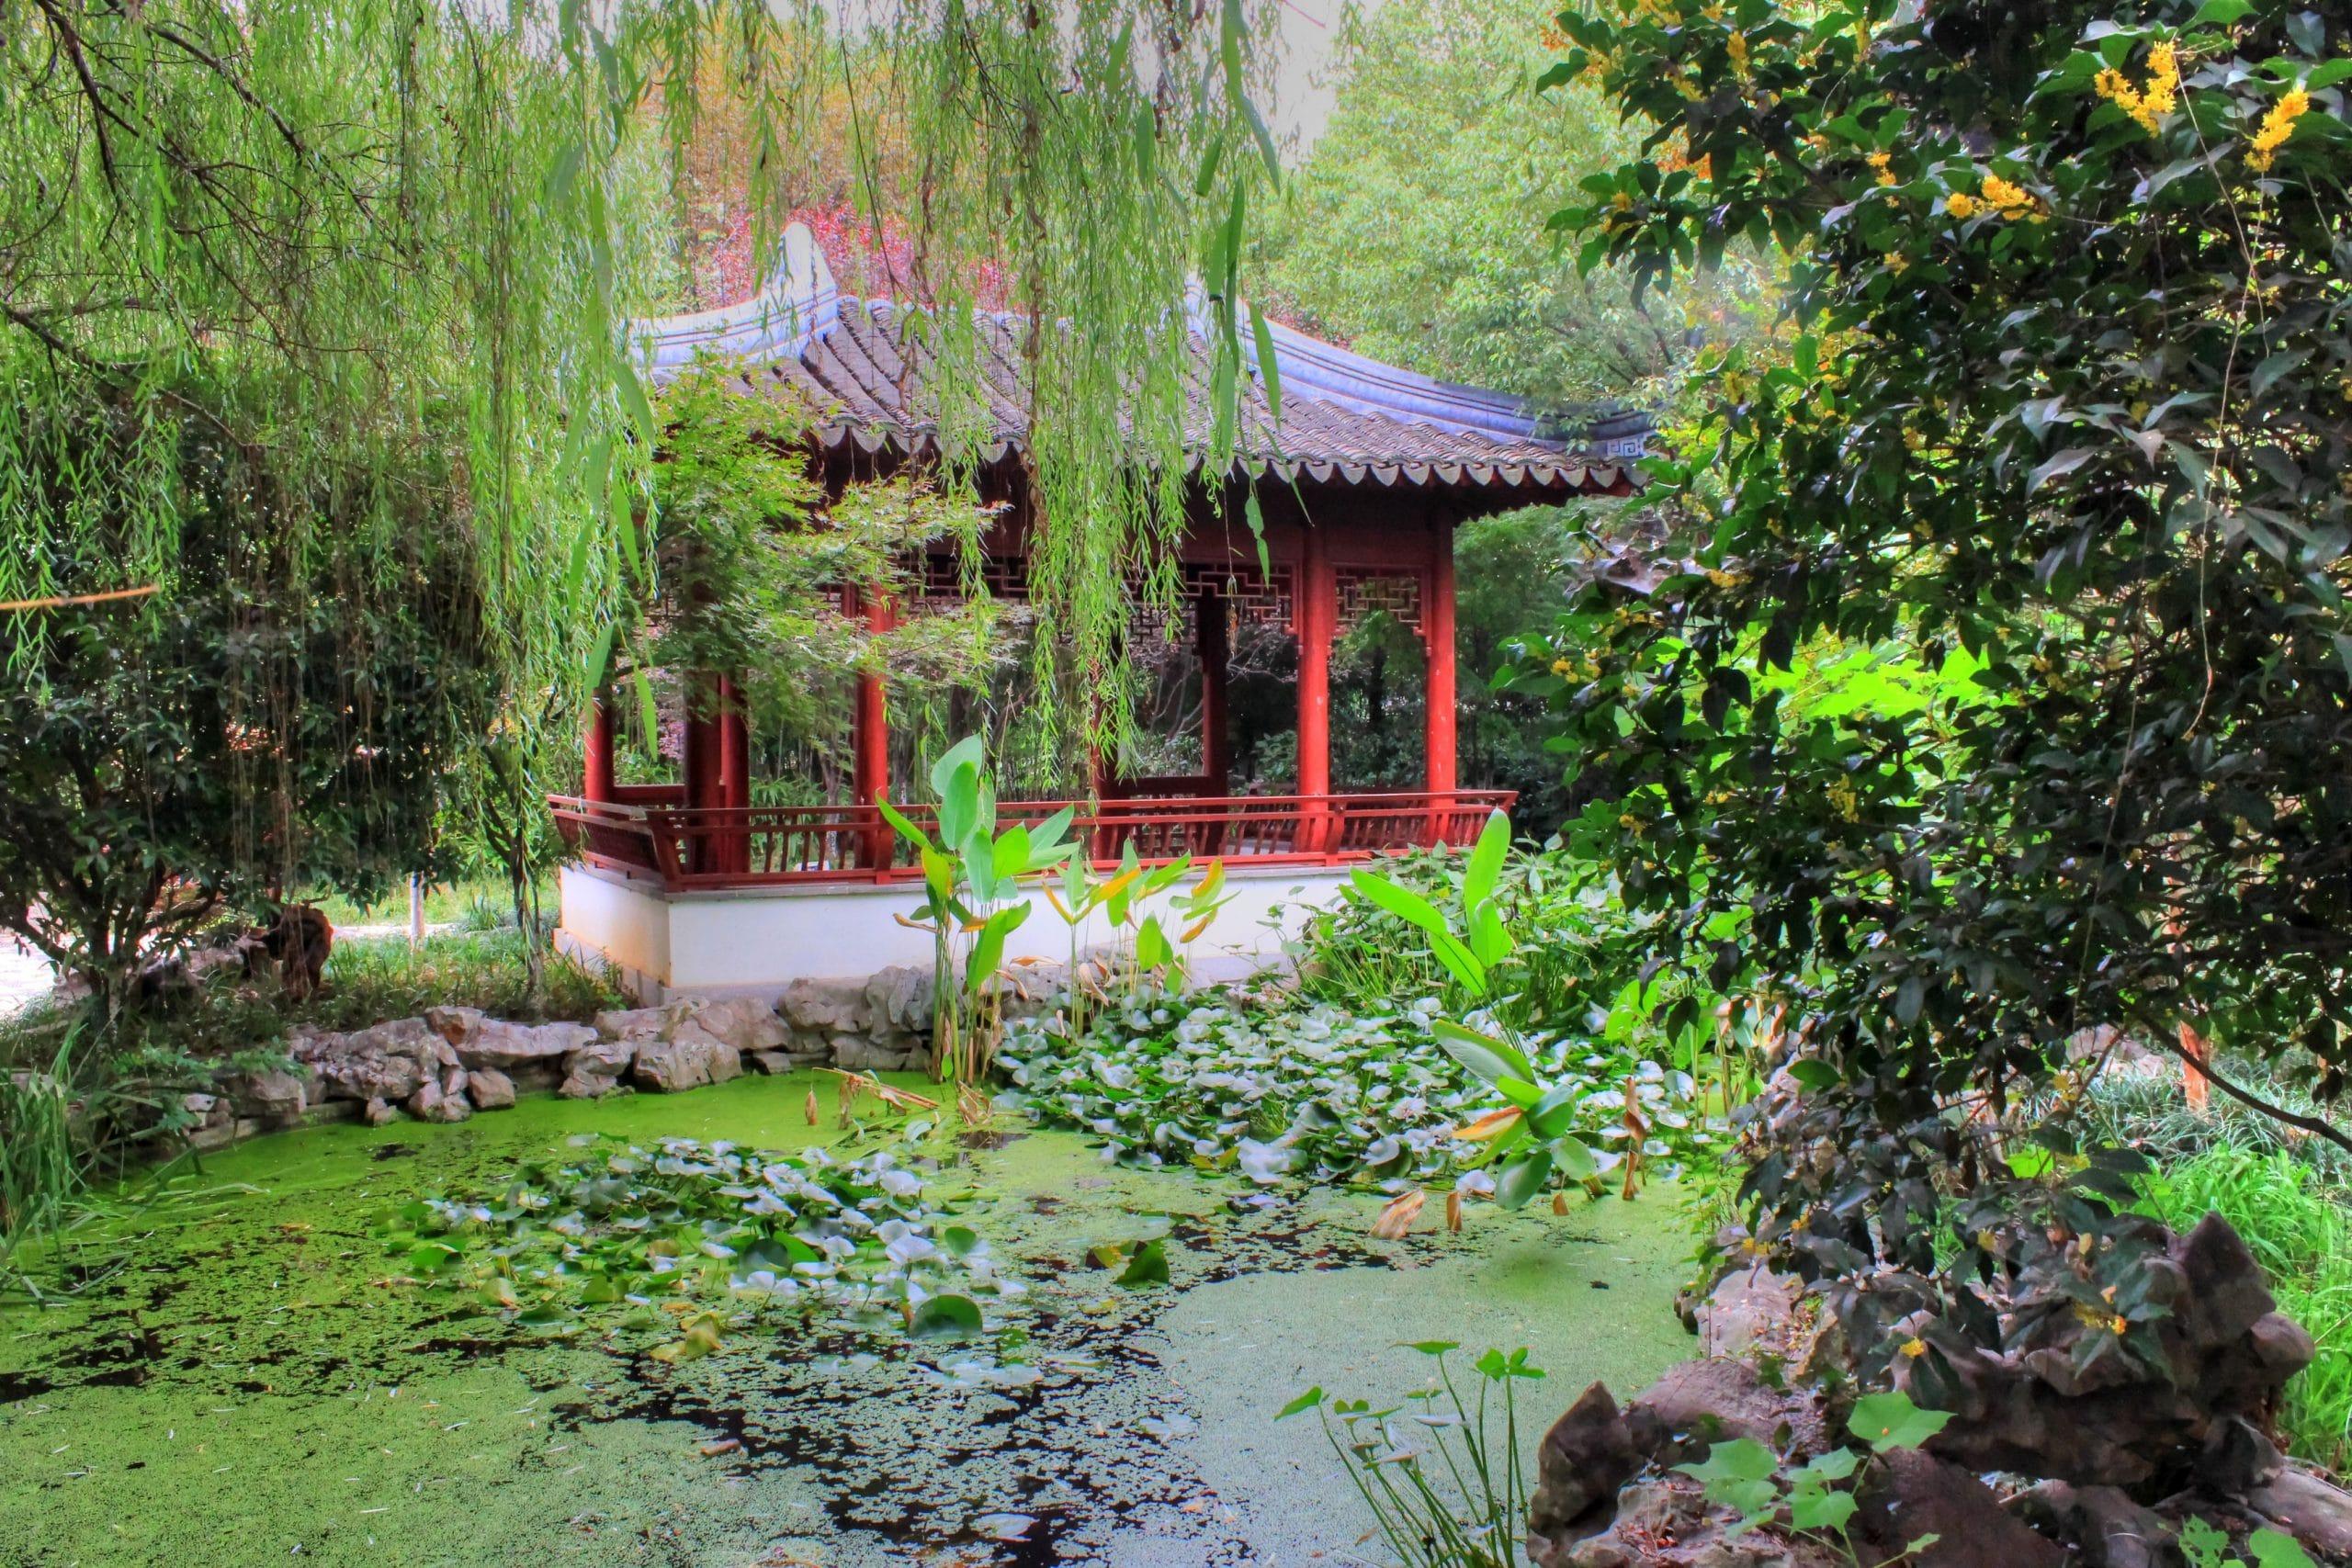 Los jardines son lugares donde poder disfrutar de la naturaleza